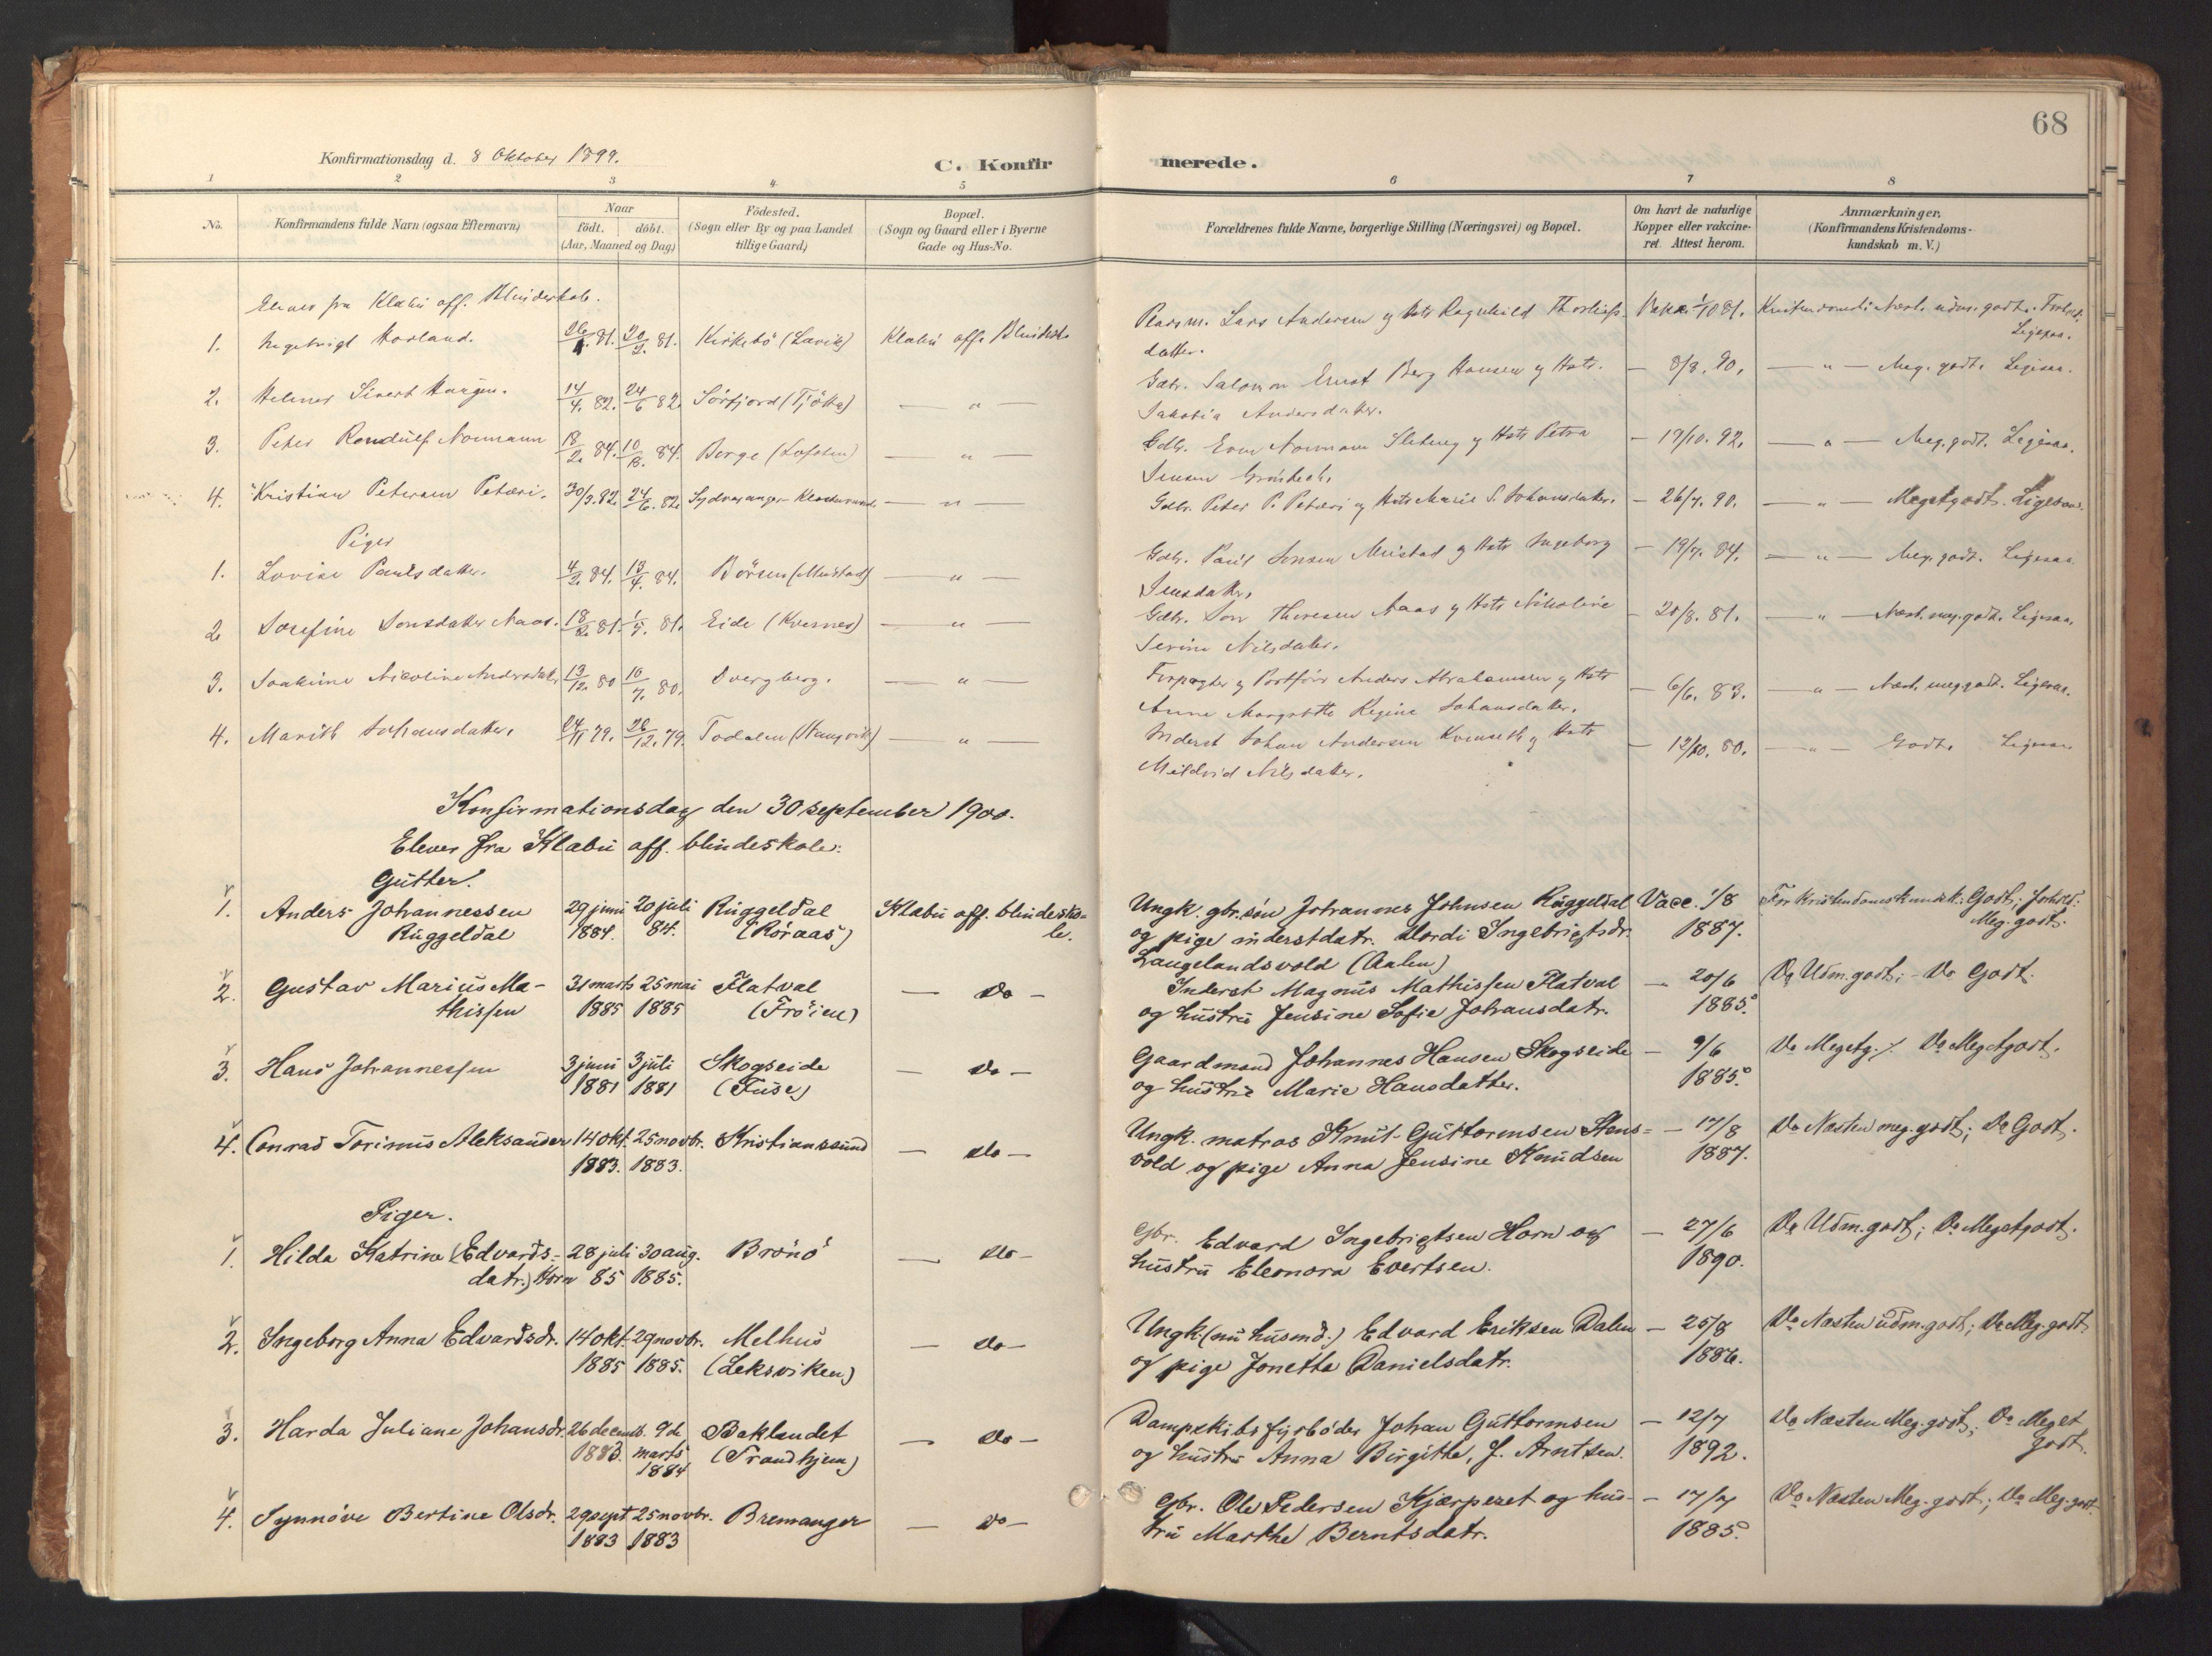 SAT, Ministerialprotokoller, klokkerbøker og fødselsregistre - Sør-Trøndelag, 618/L0448: Ministerialbok nr. 618A11, 1898-1916, s. 68